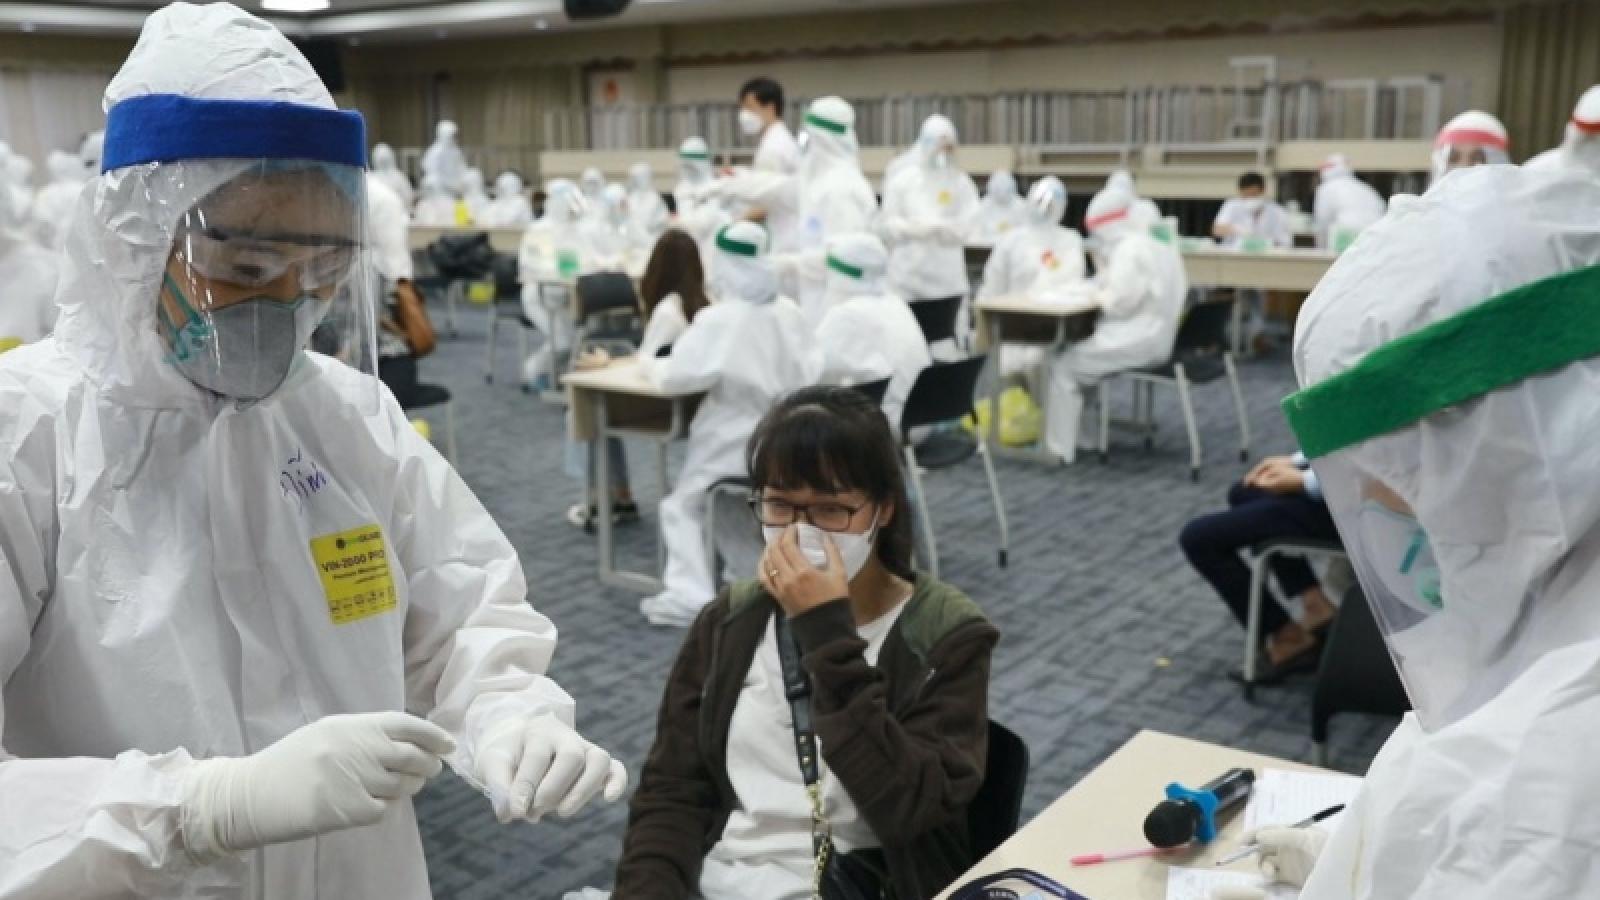 Tăng cường triển khai công tác an toàn, vệ sinh lao động thích ứng với dịch COVID-19